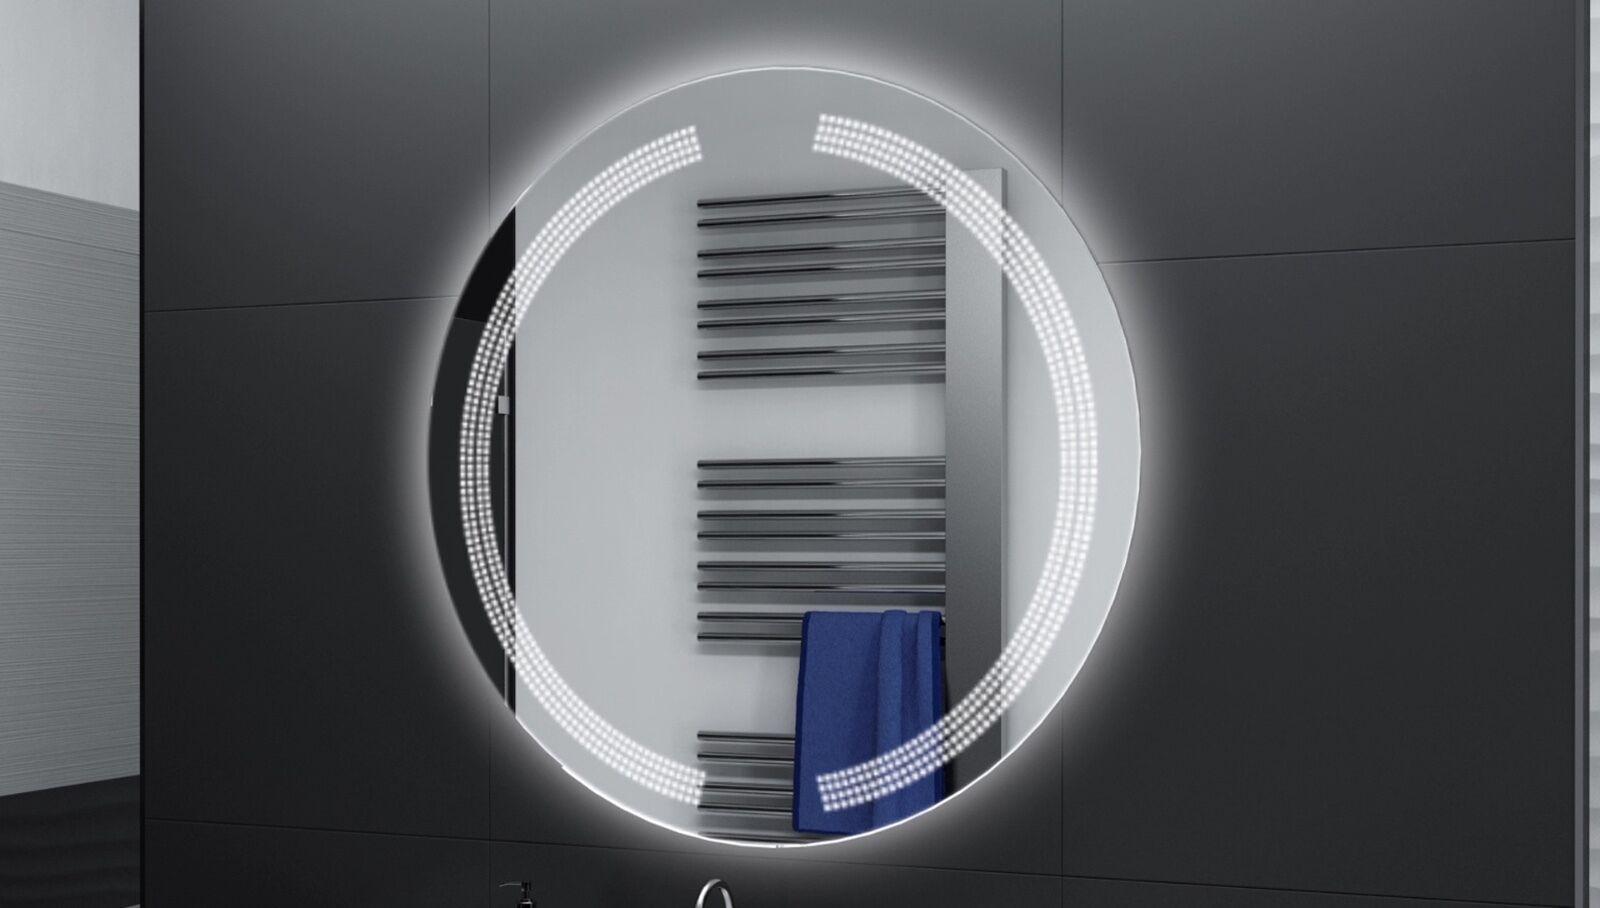 Badspiegel Rund m LED Beleuchtung Badezimmerspiegel Bad Spiegel Wandspiegel DR14